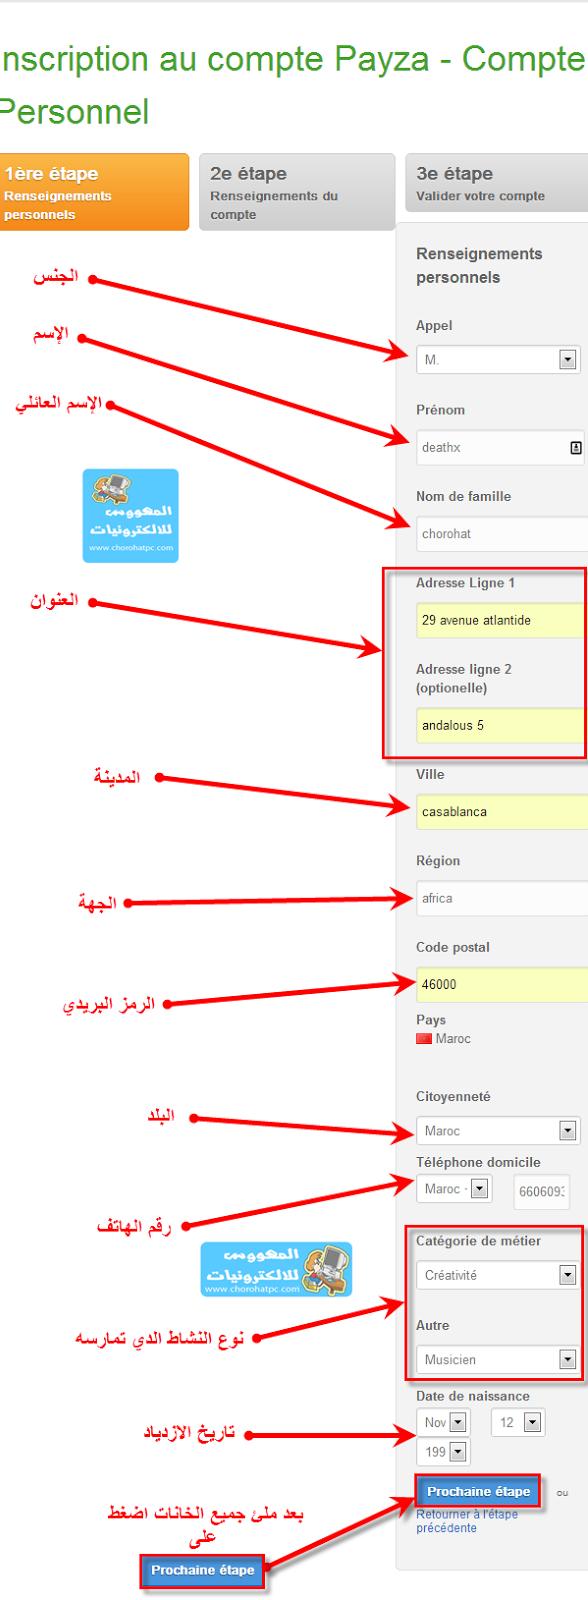 شرح لطريقة التسجيل في بنك payza مع التفعيل بأسهل الطرق وأضمنها